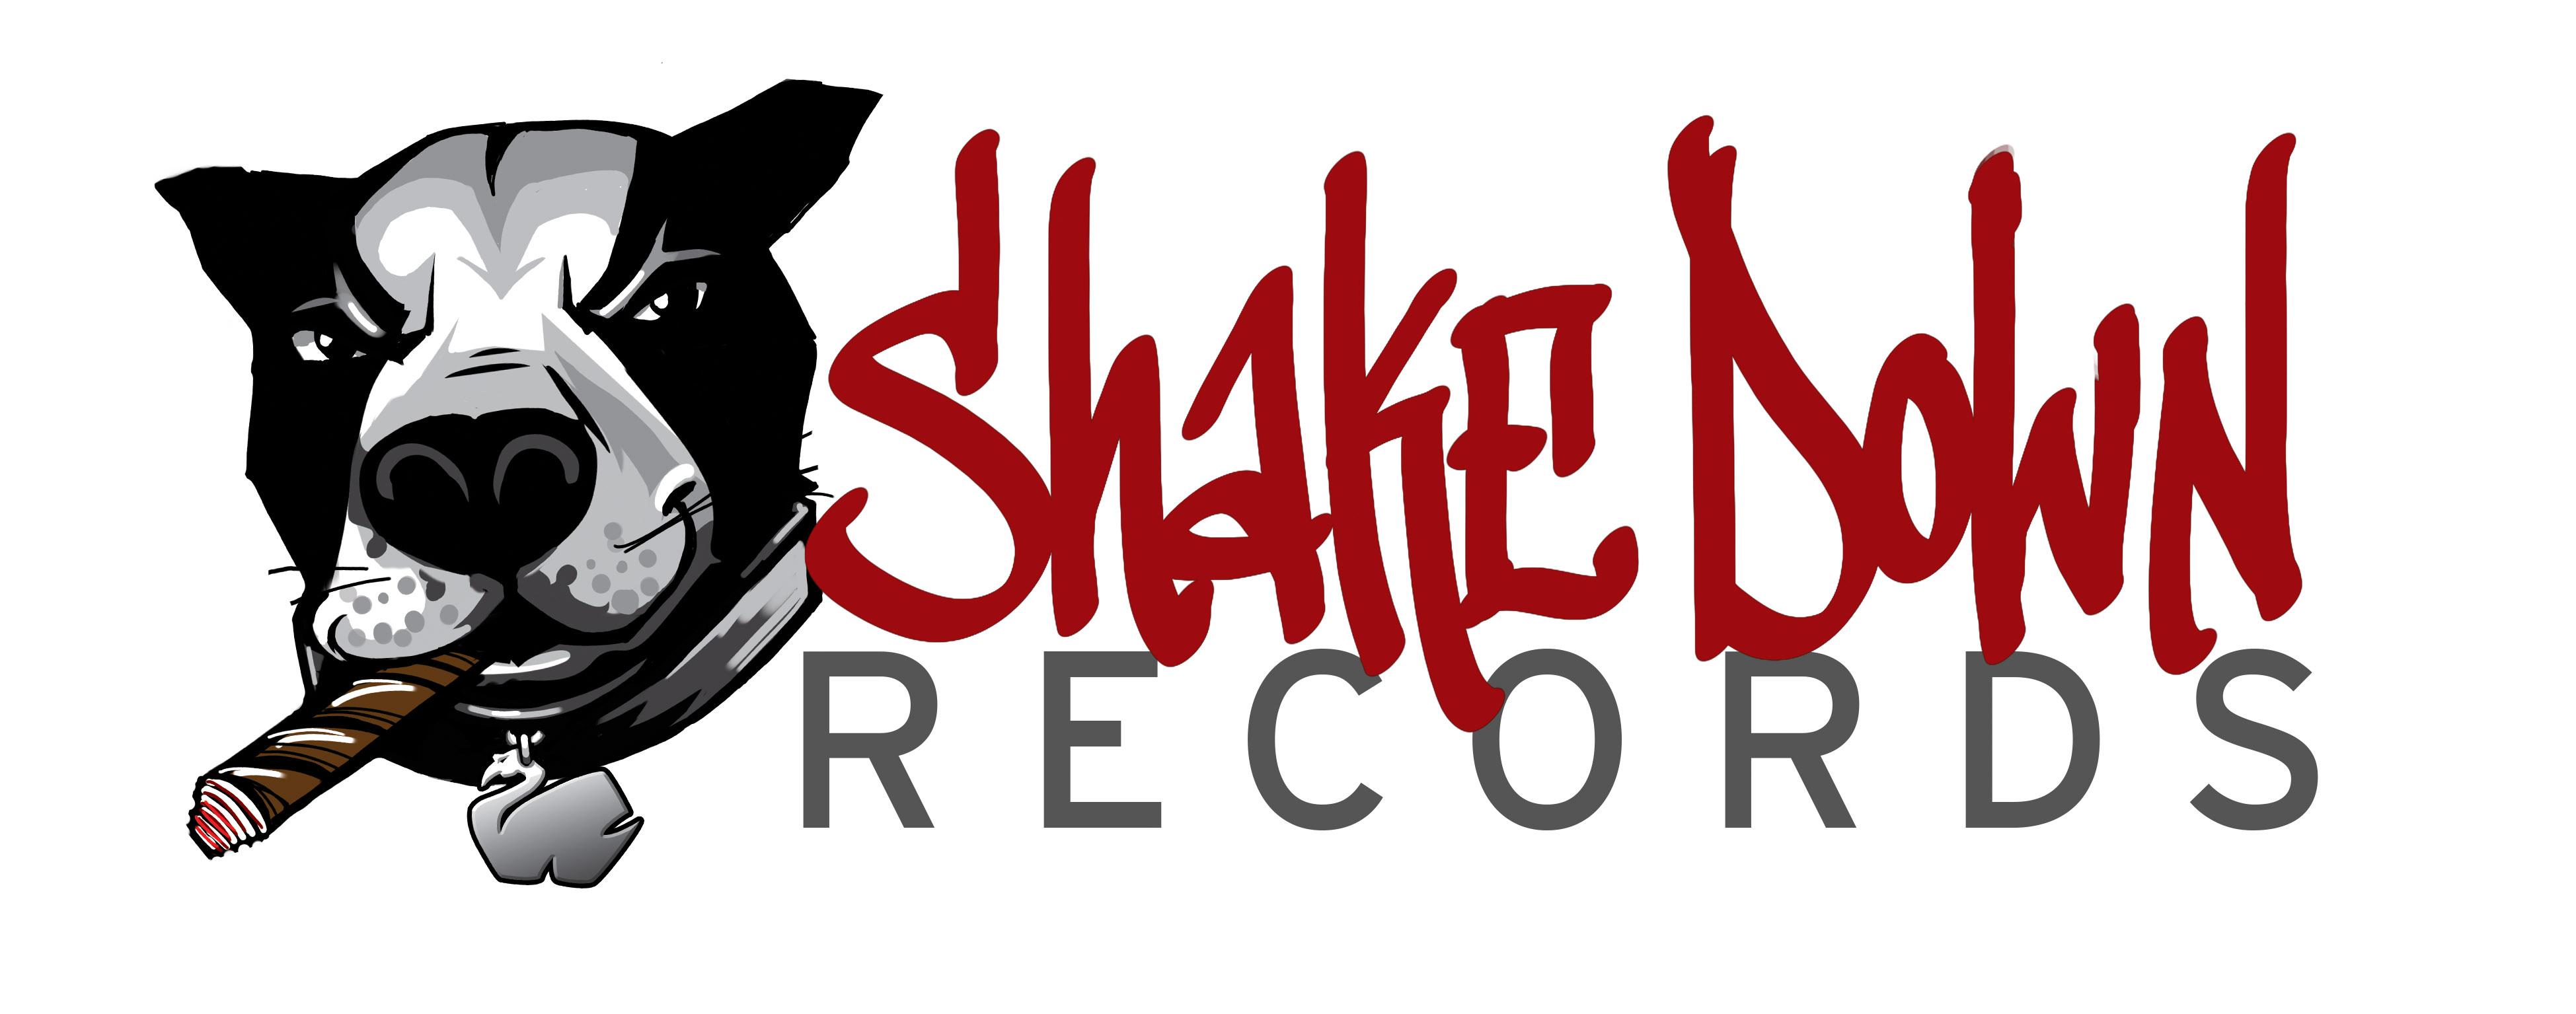 SHAKEDOWNRECORDS RED